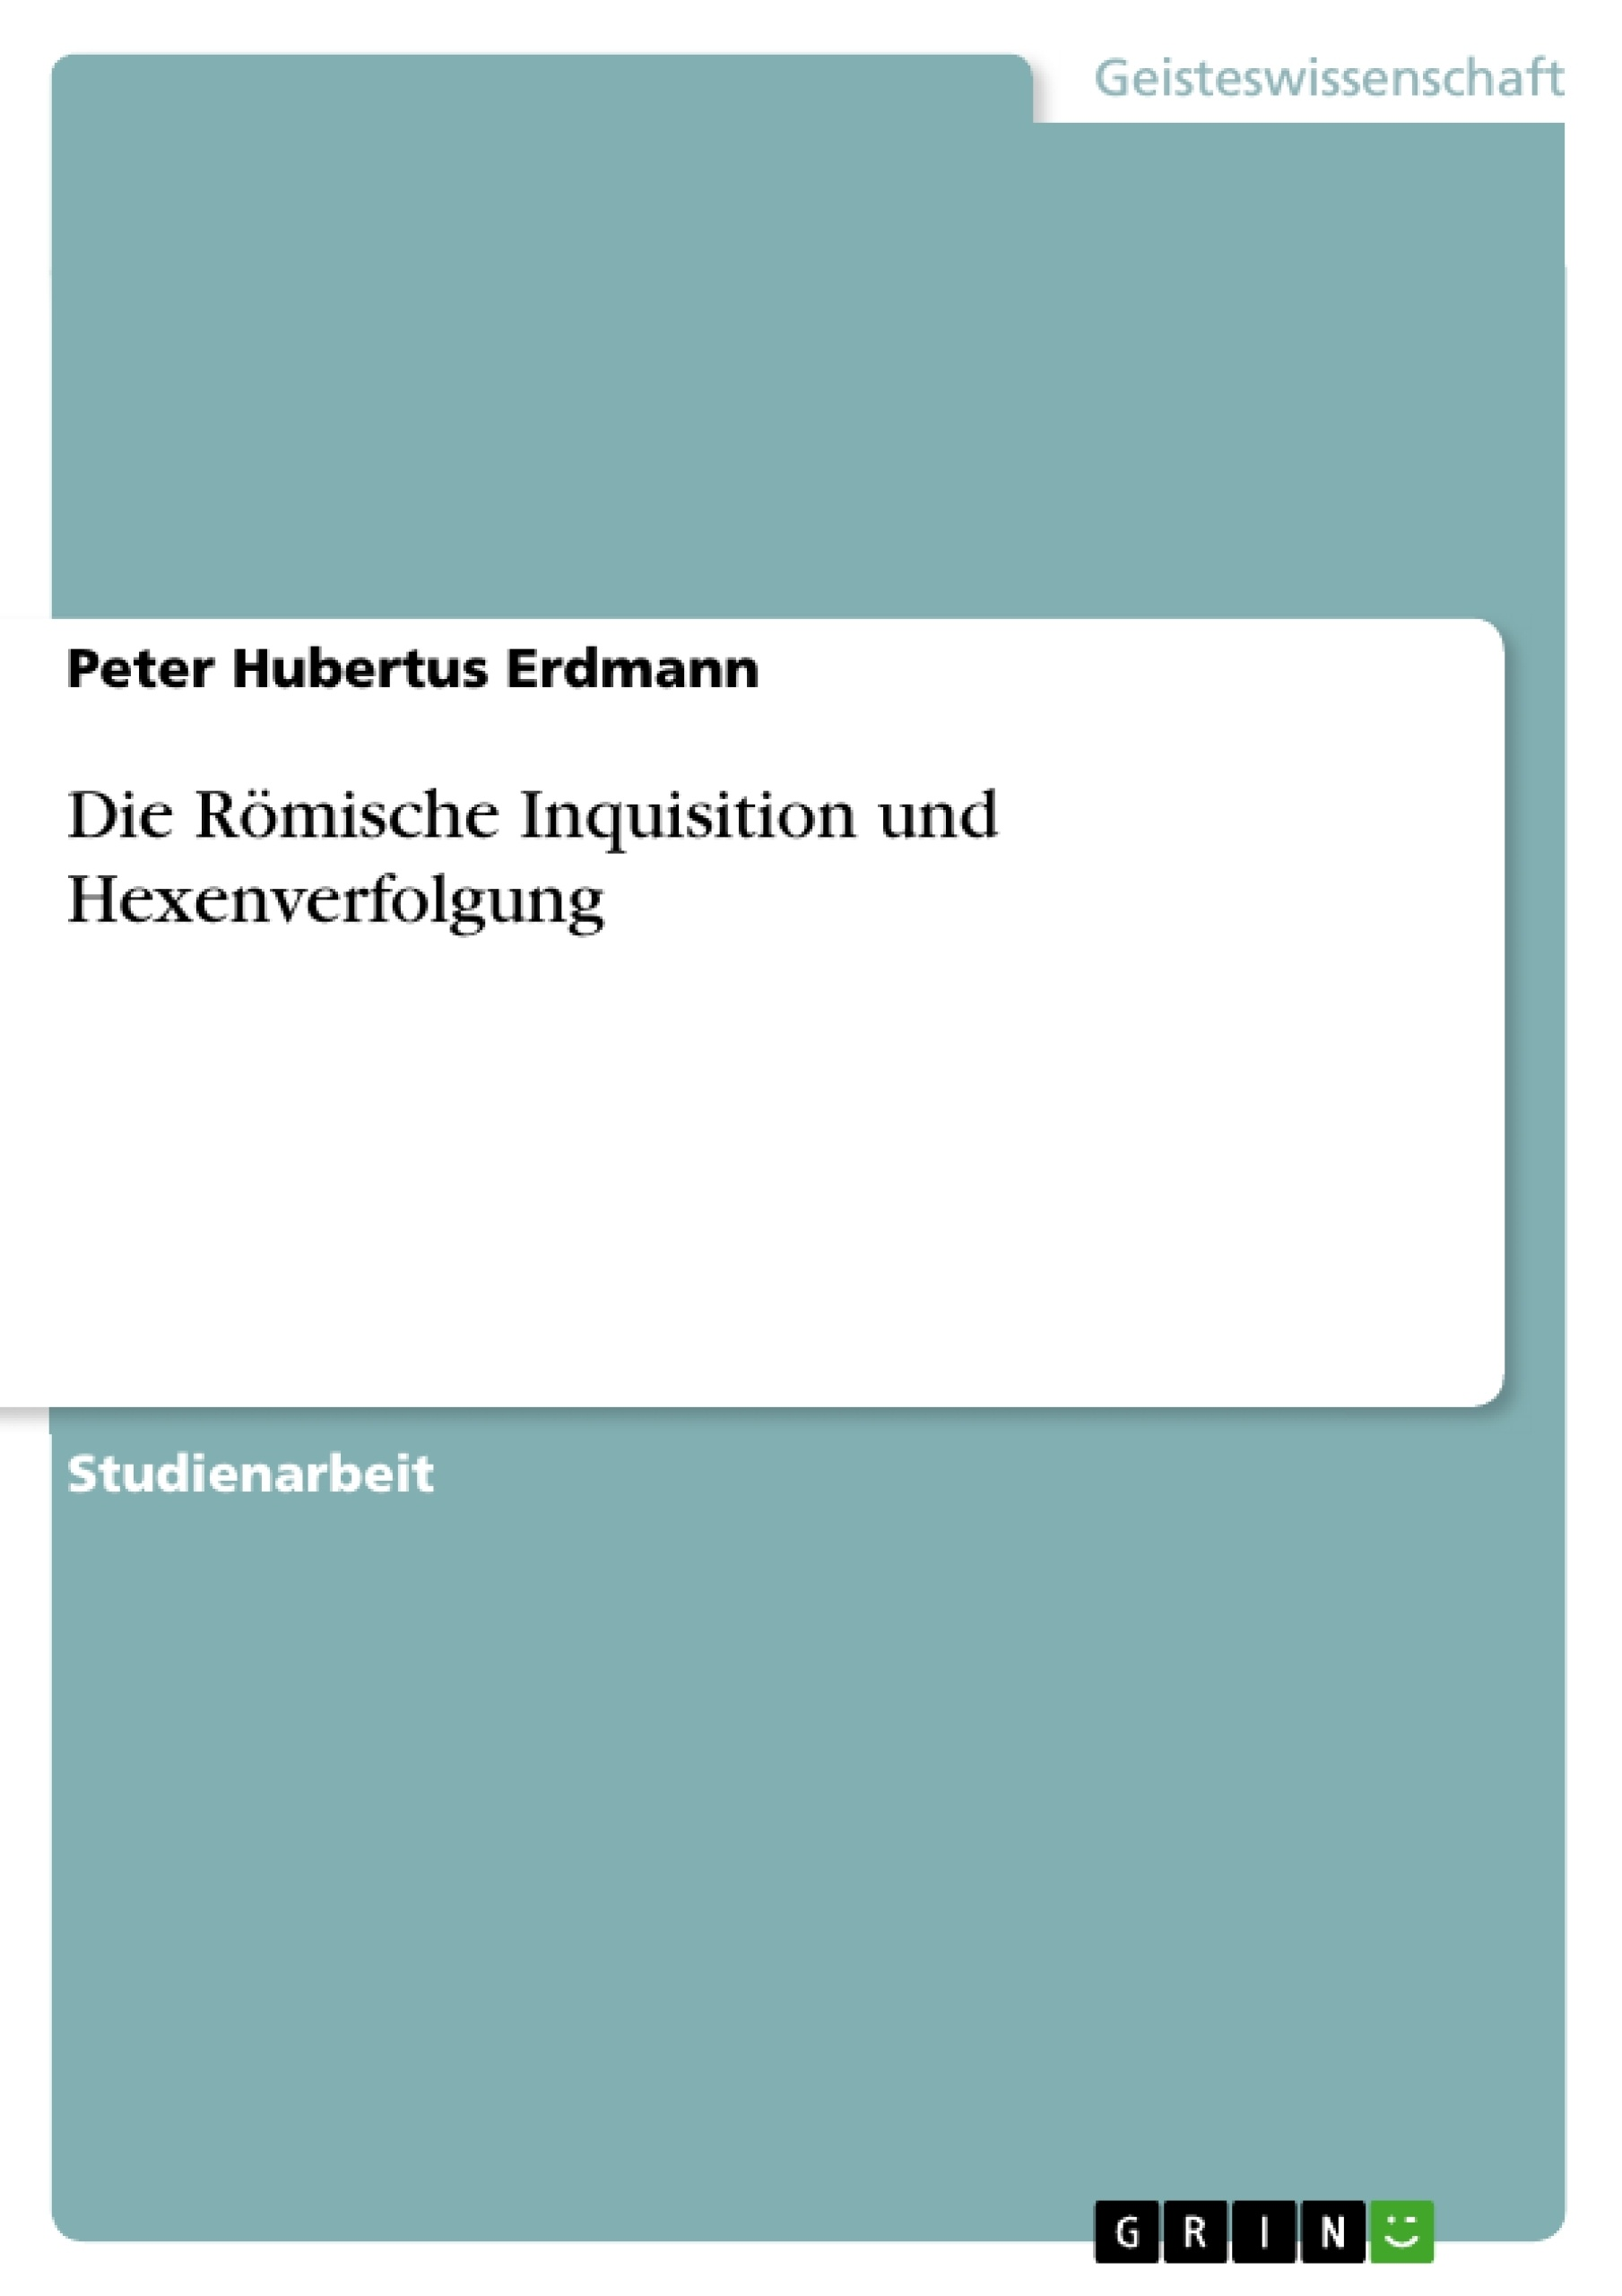 Titel: Die Römische Inquisition und Hexenverfolgung